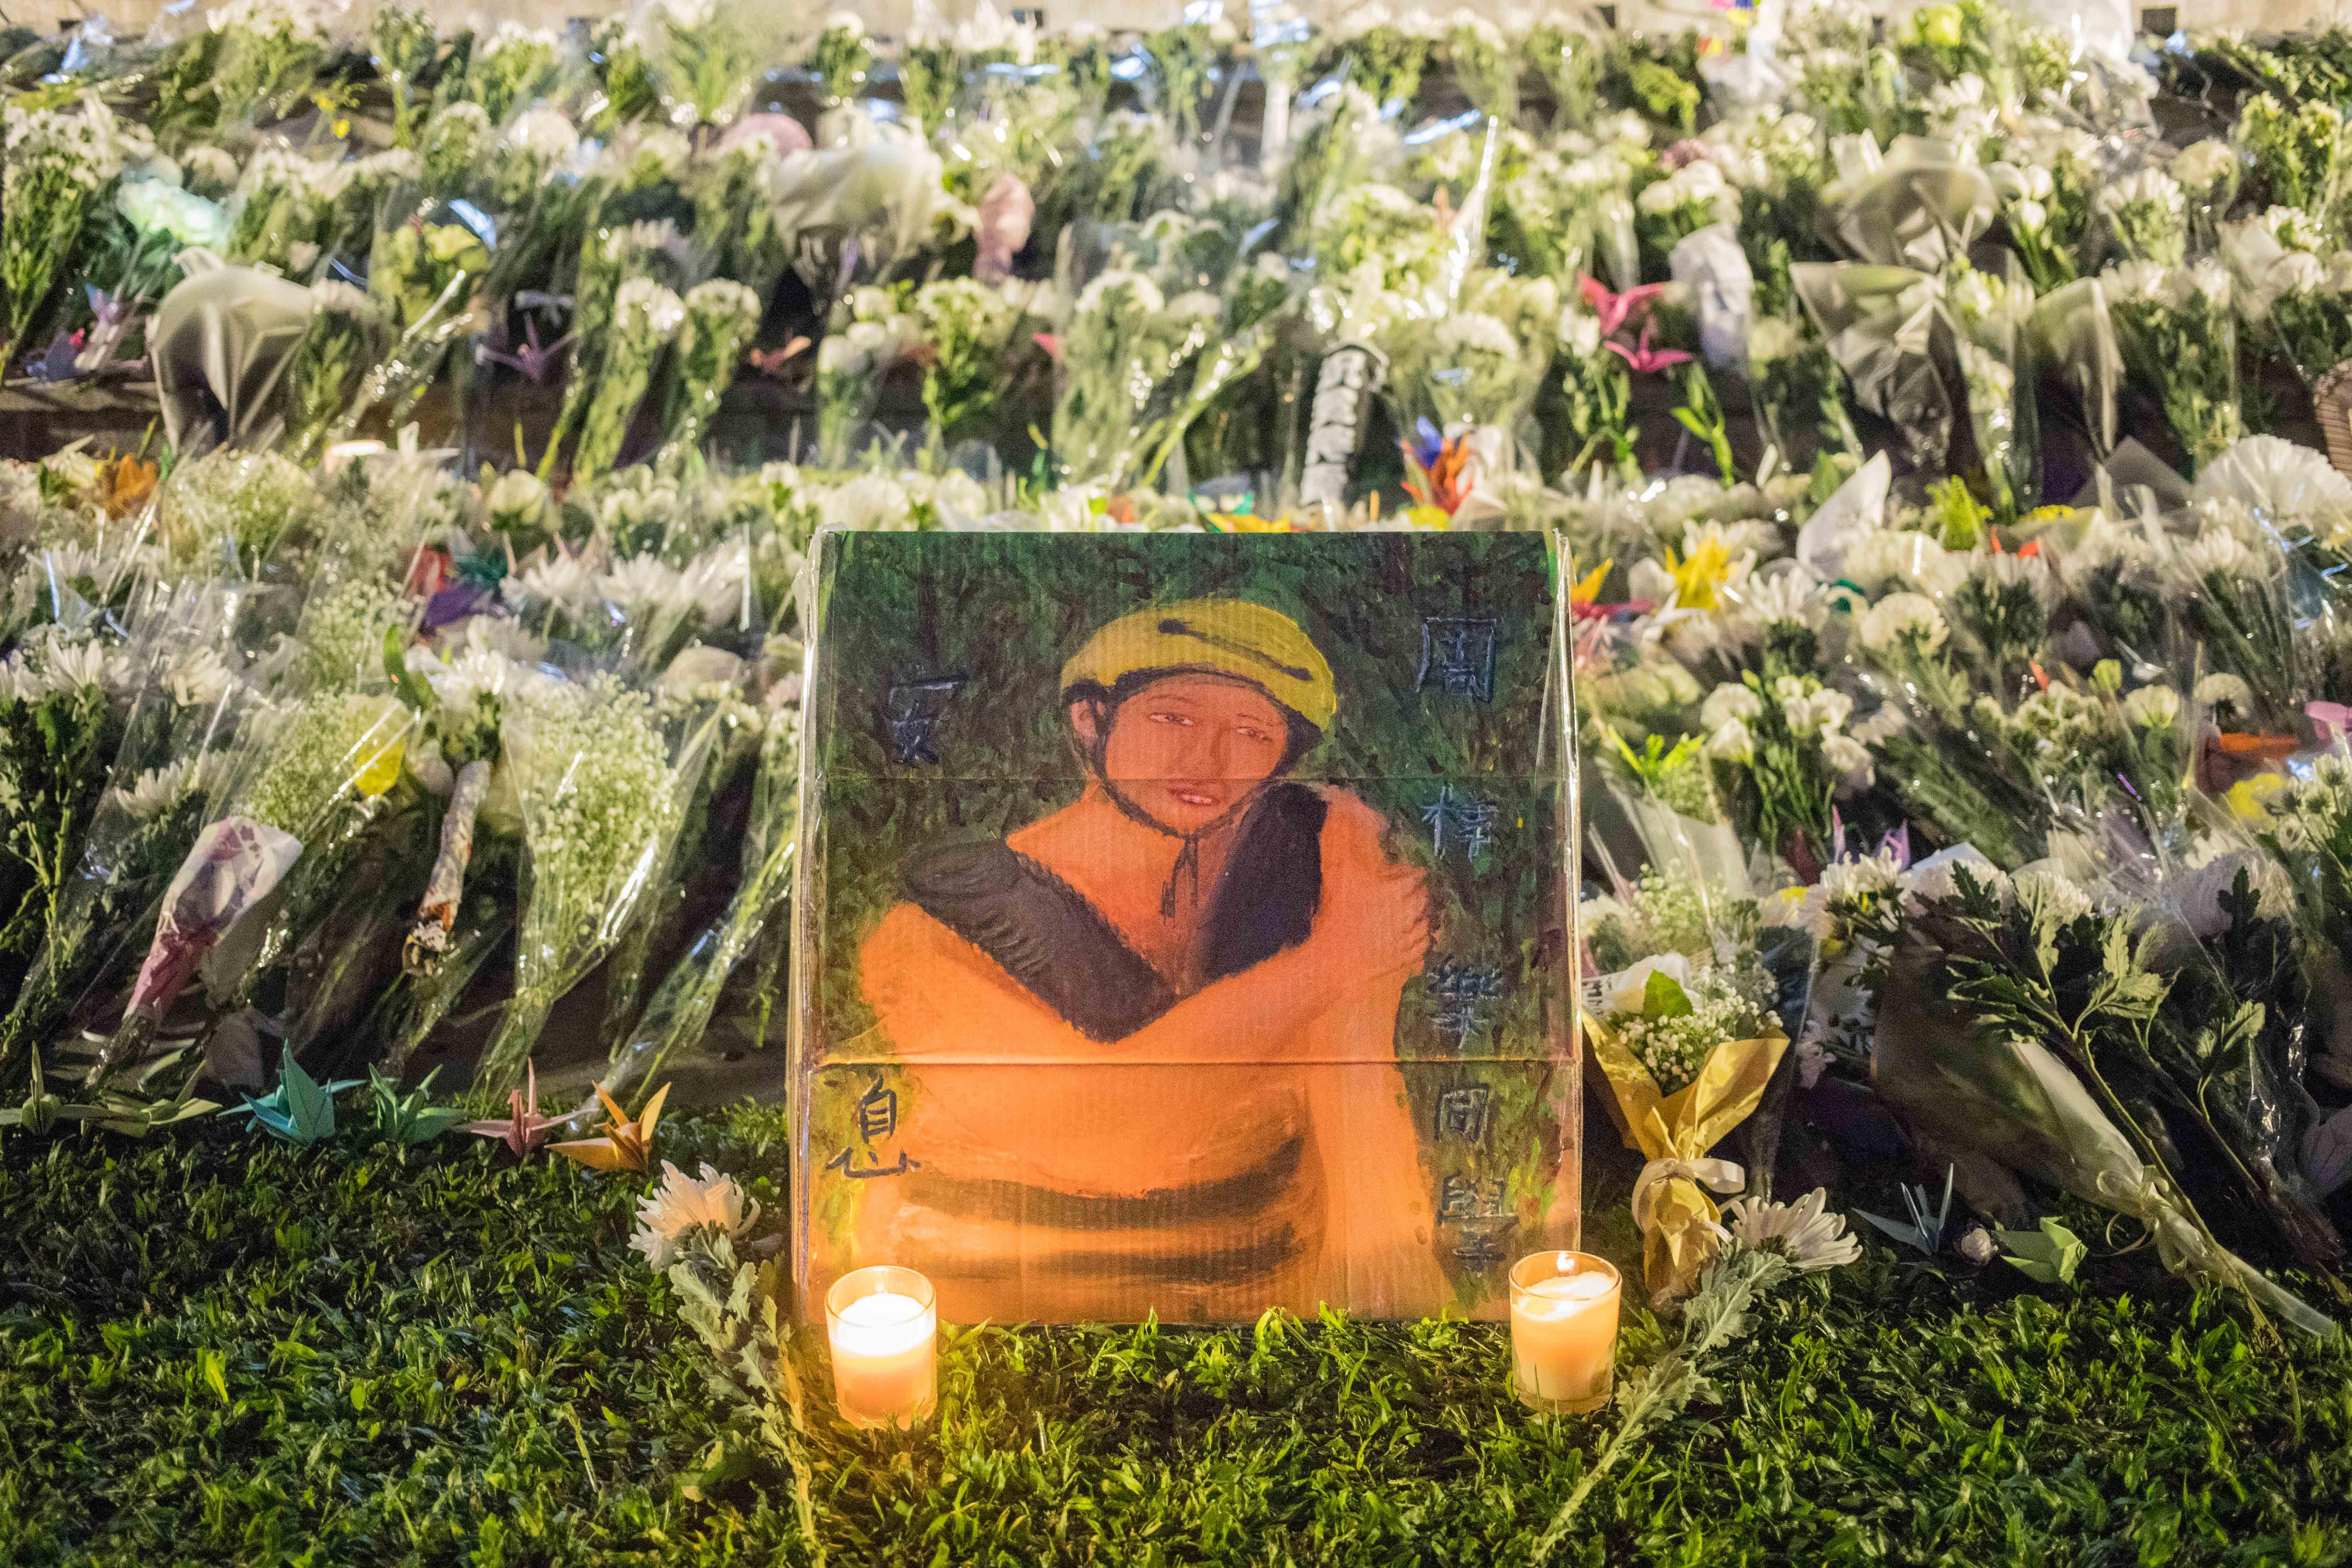 2019年11月,民眾在添馬悼念墜樓身亡的周梓樂。